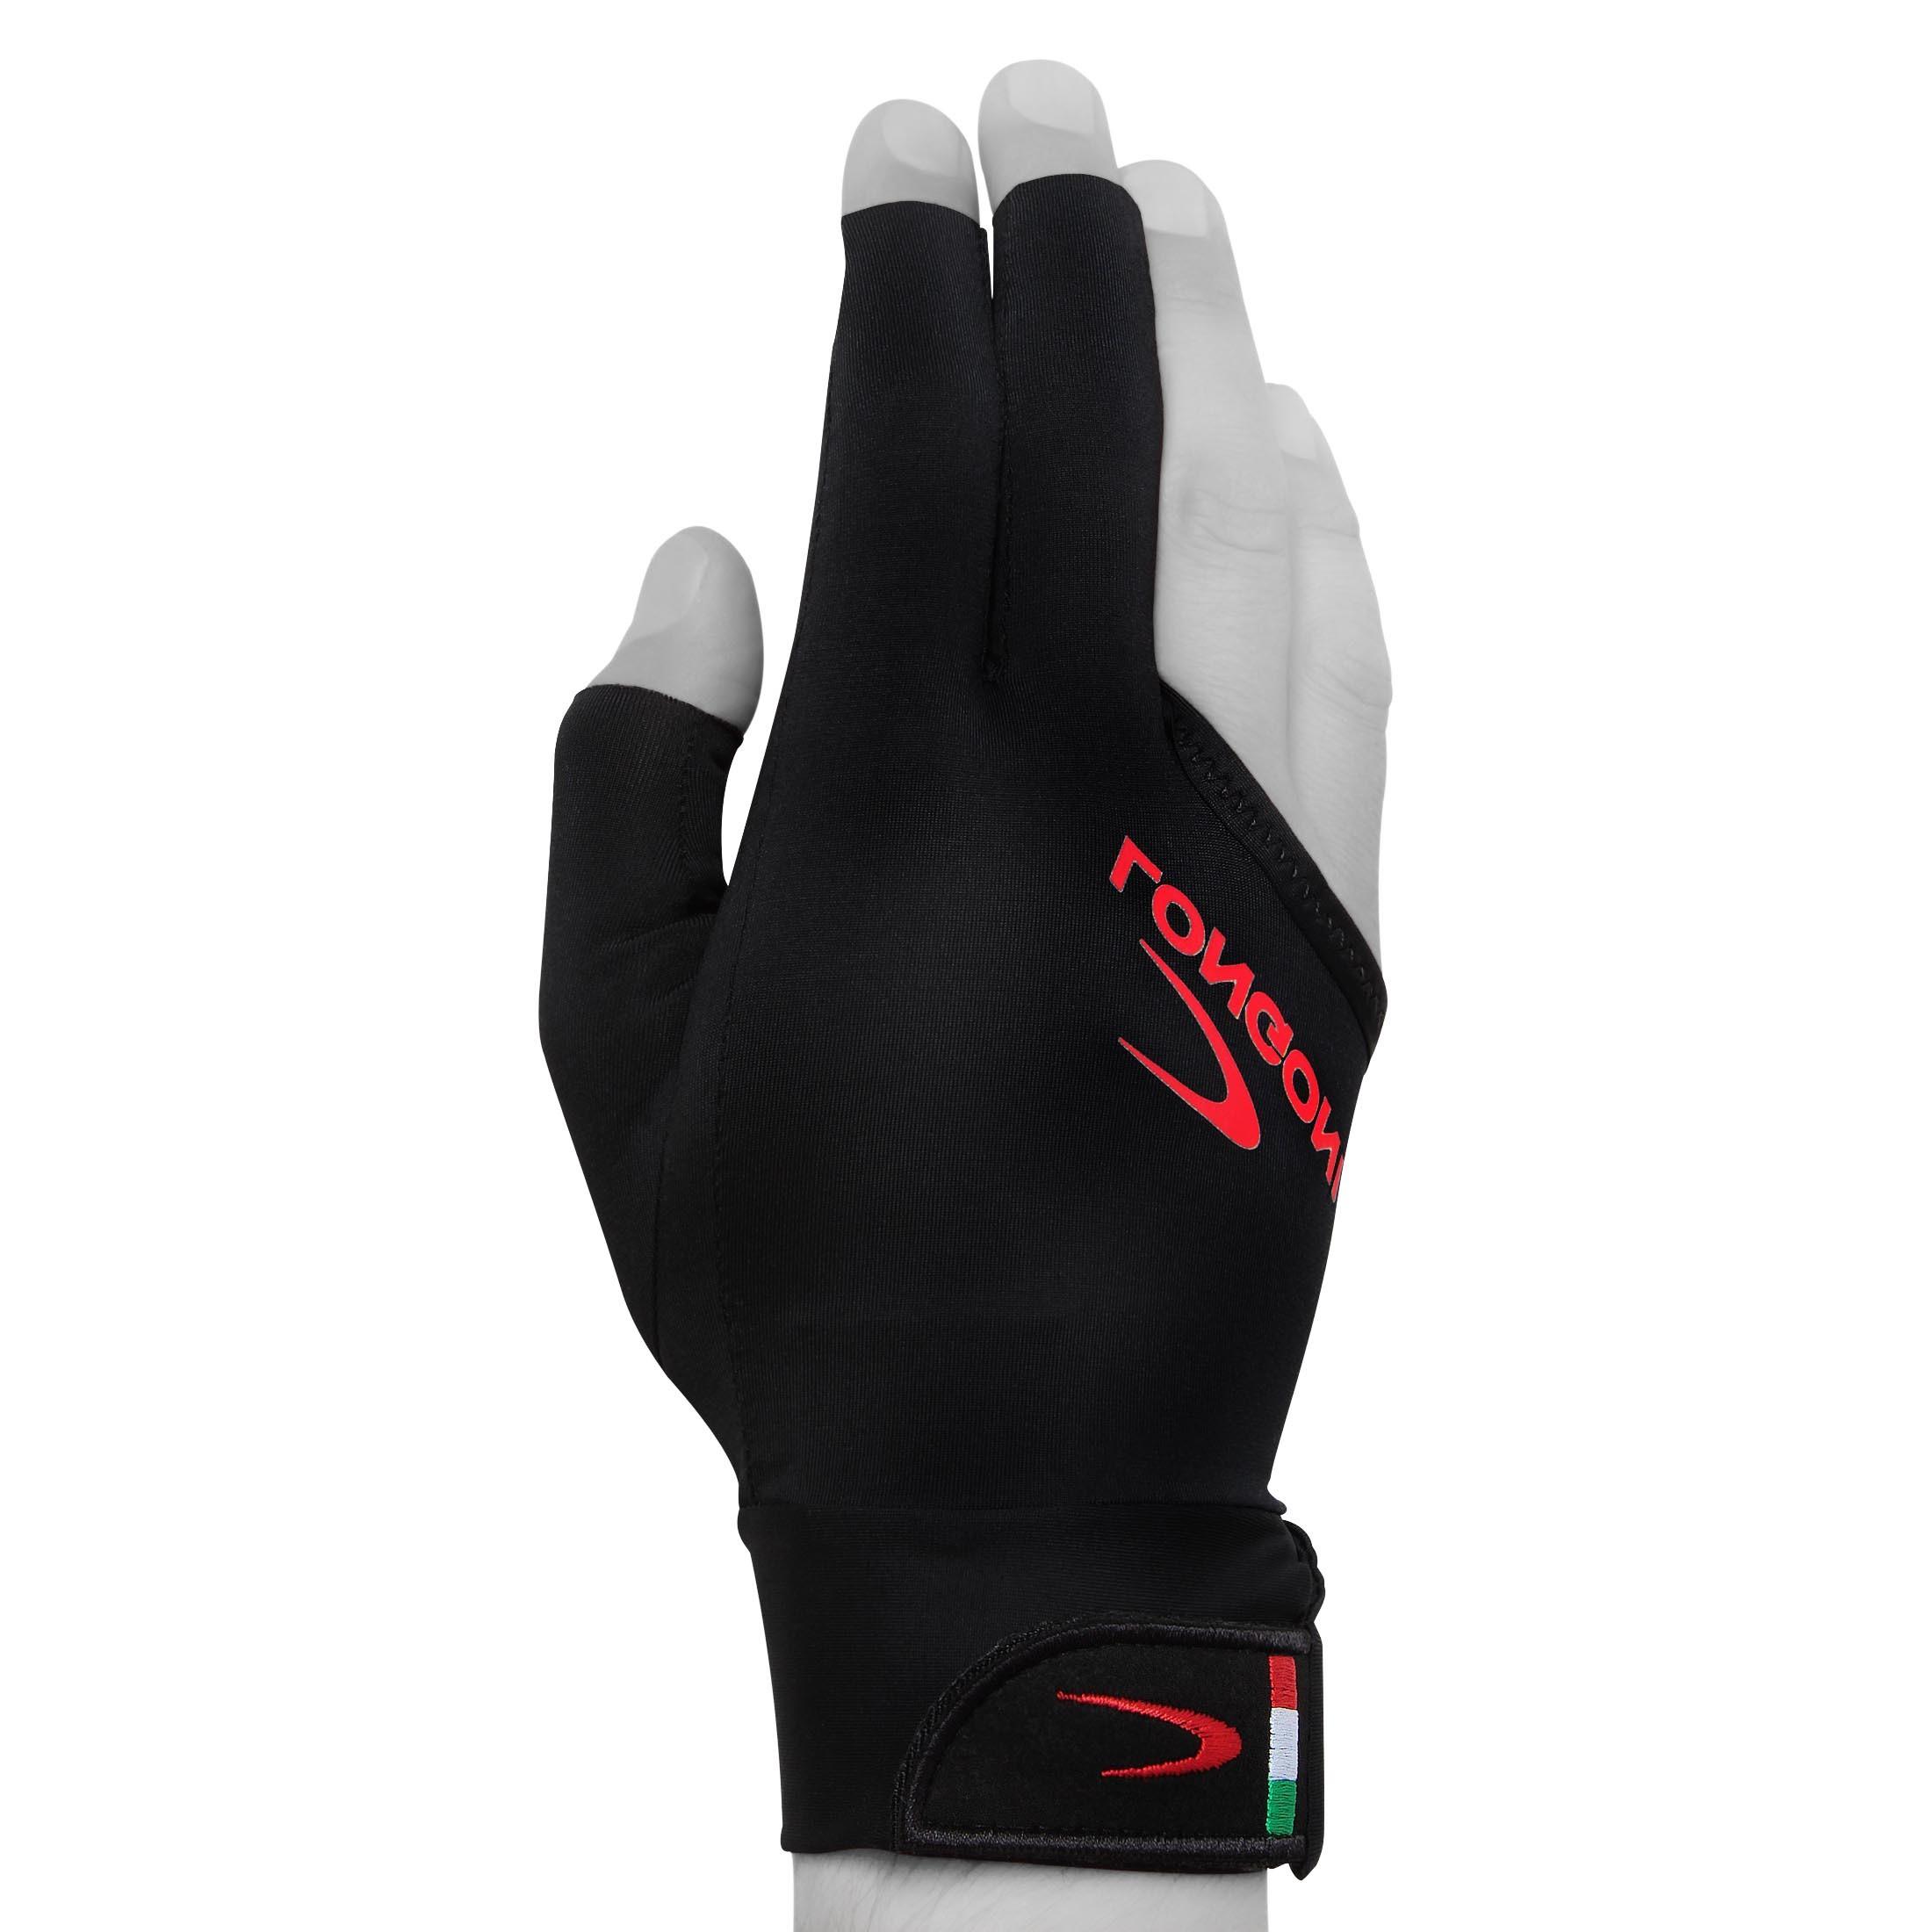 Перчатка Longoni Black Fire 2.0 правая XL (для левши)